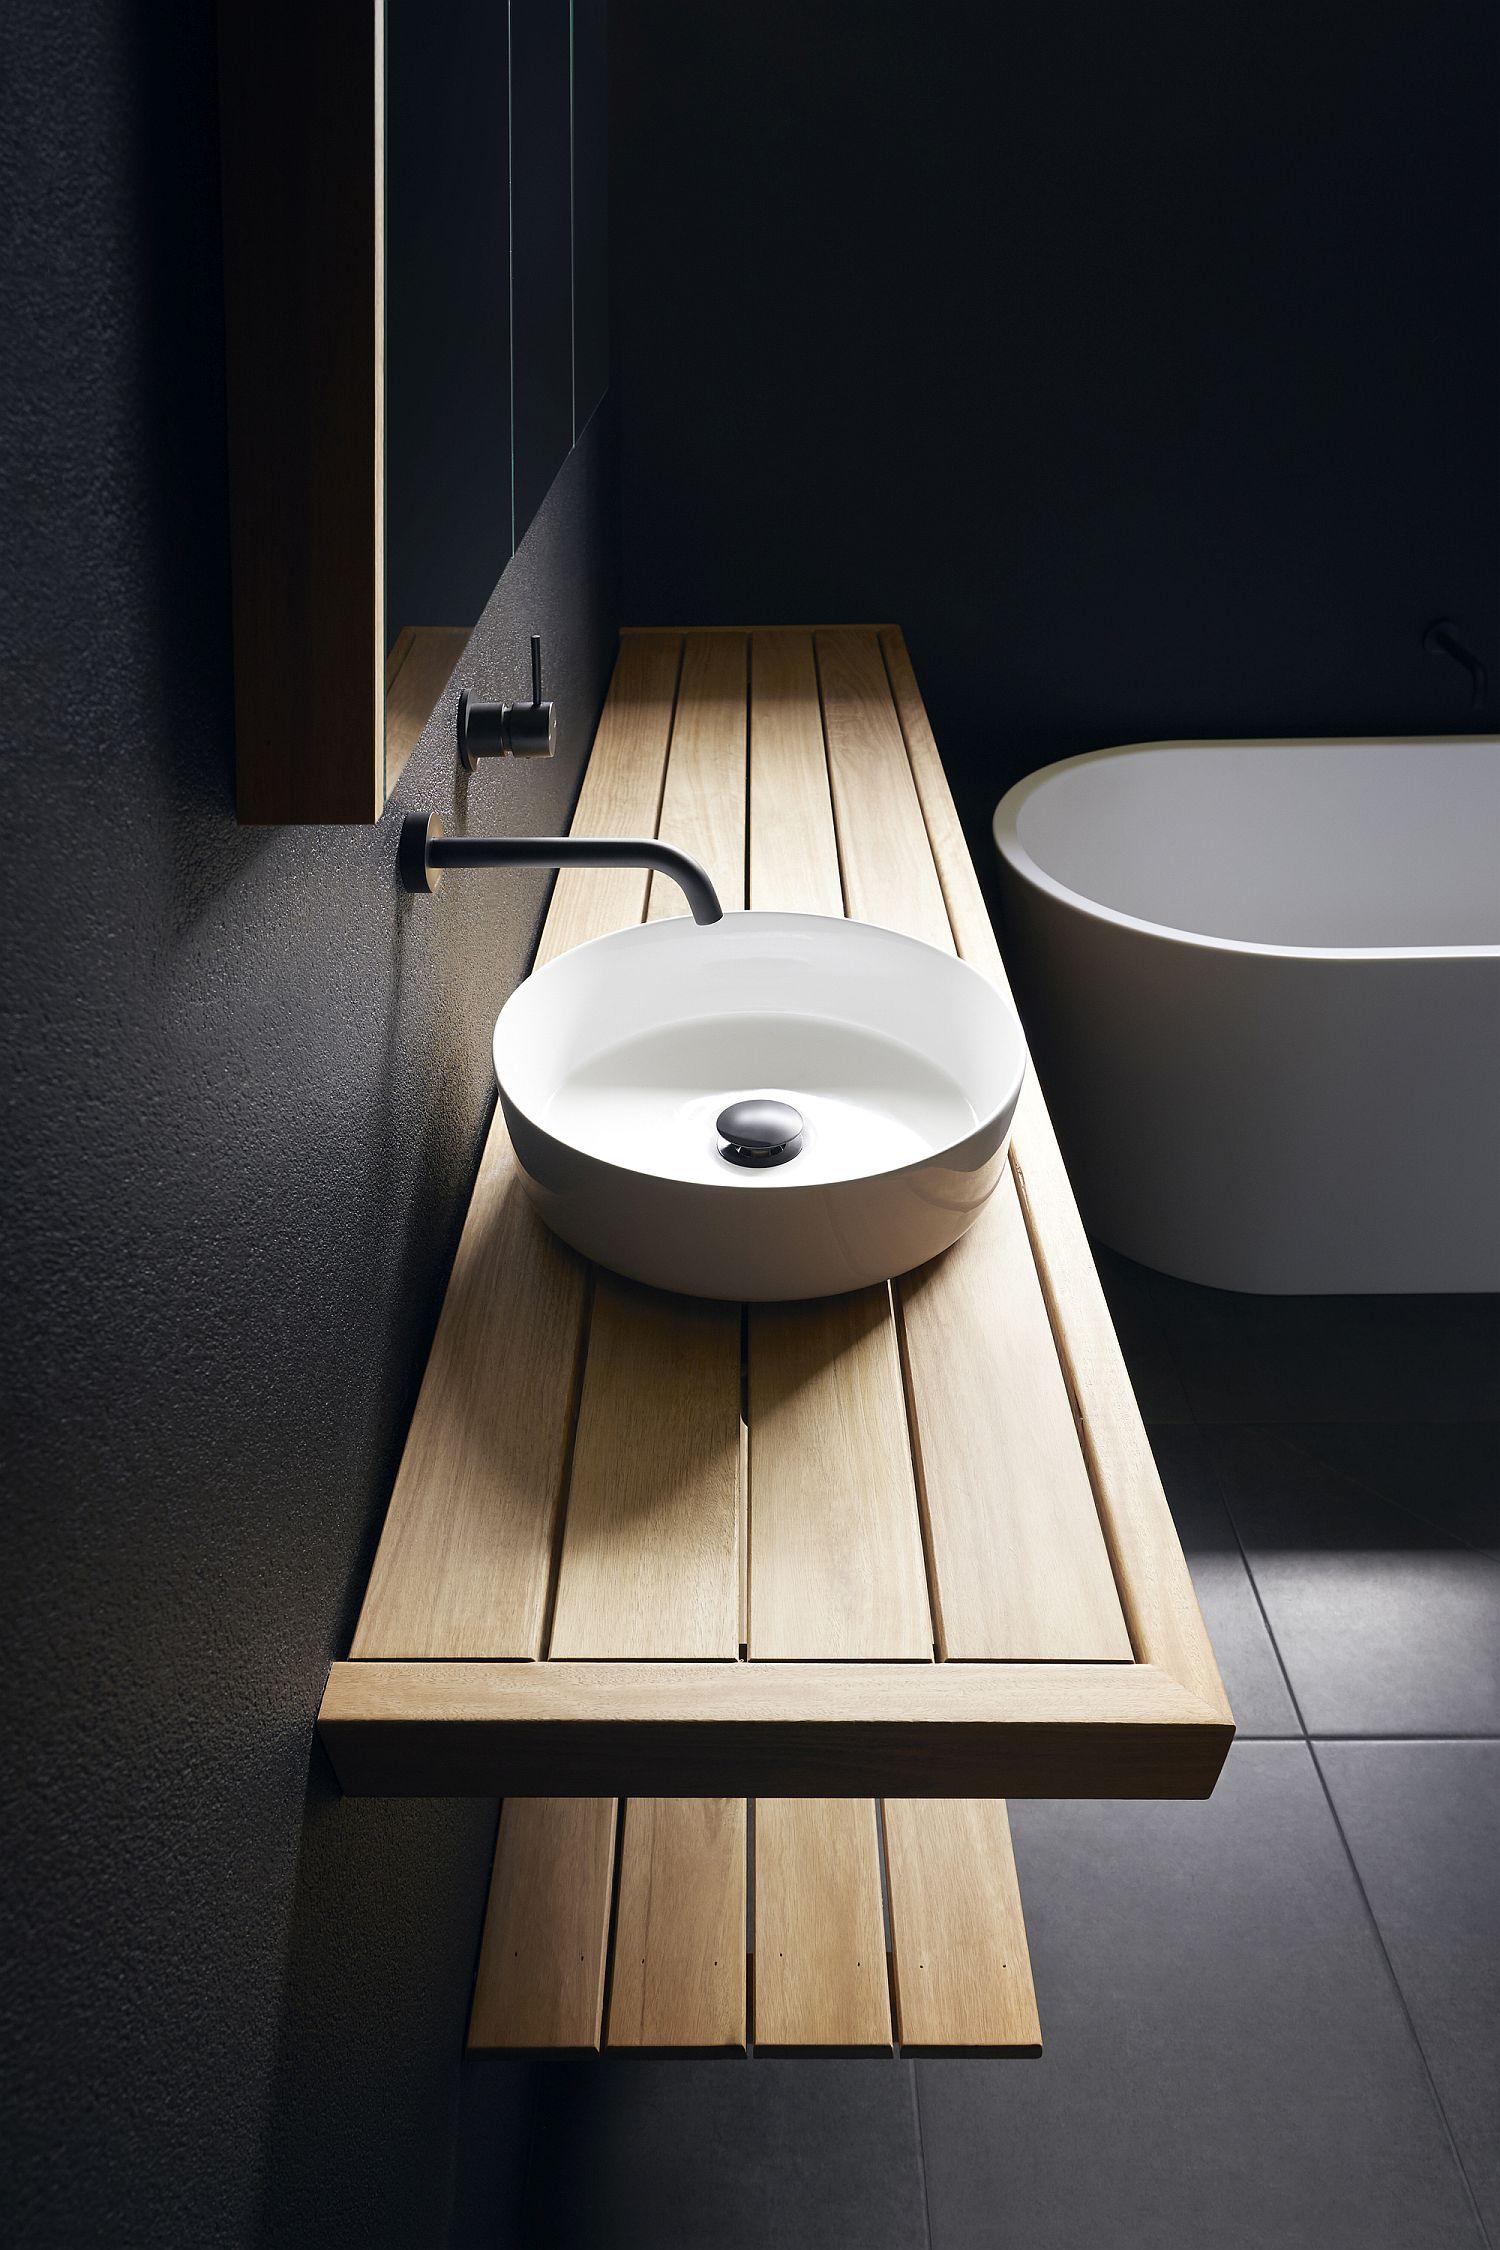 Slim-floating-wooden-vanity-for-the-modern-minimal-bathroom-in-black